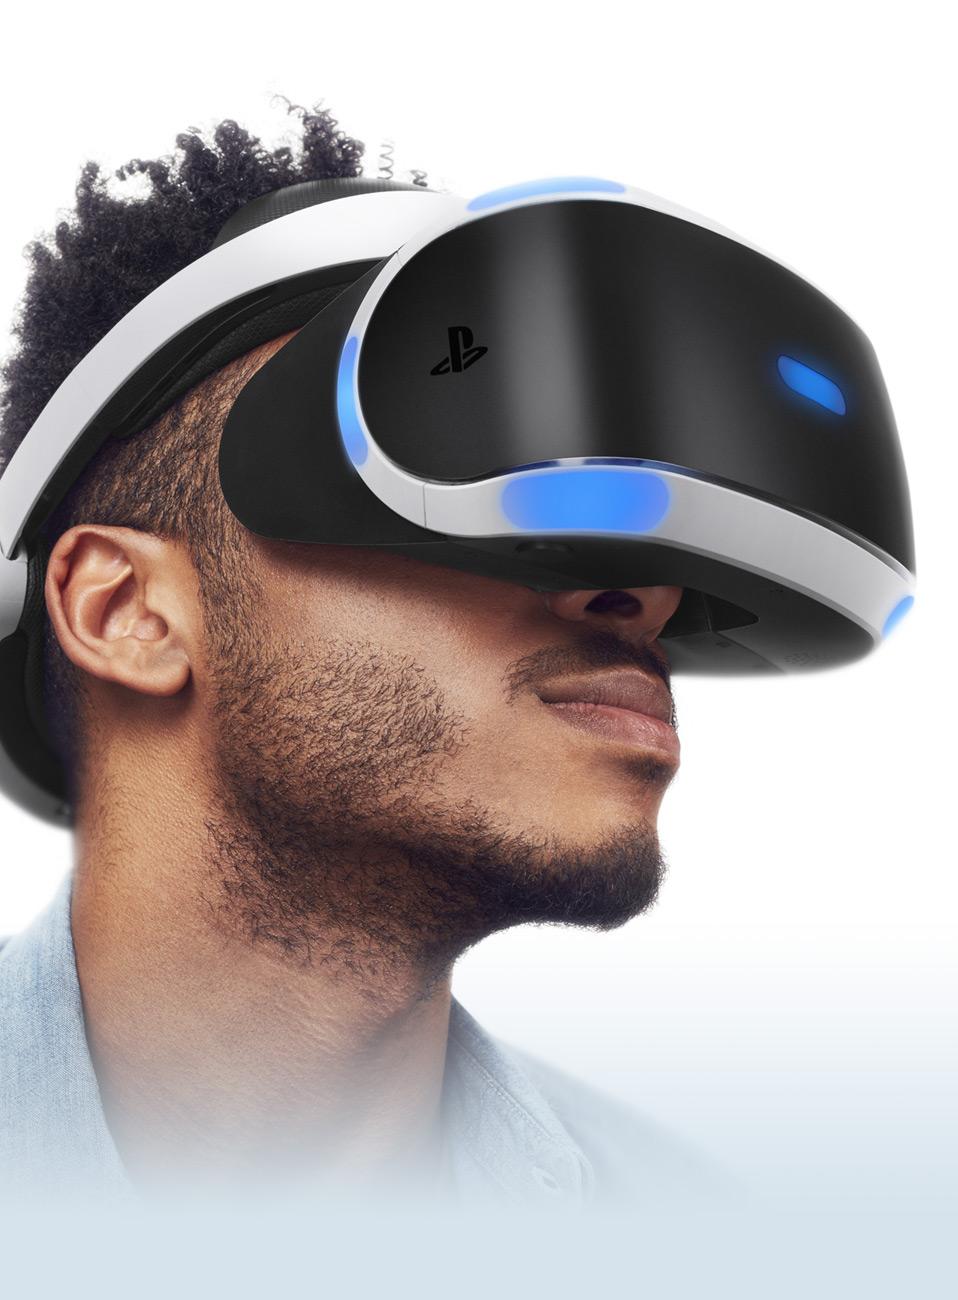 Playstation vr for Mobilia webhallen